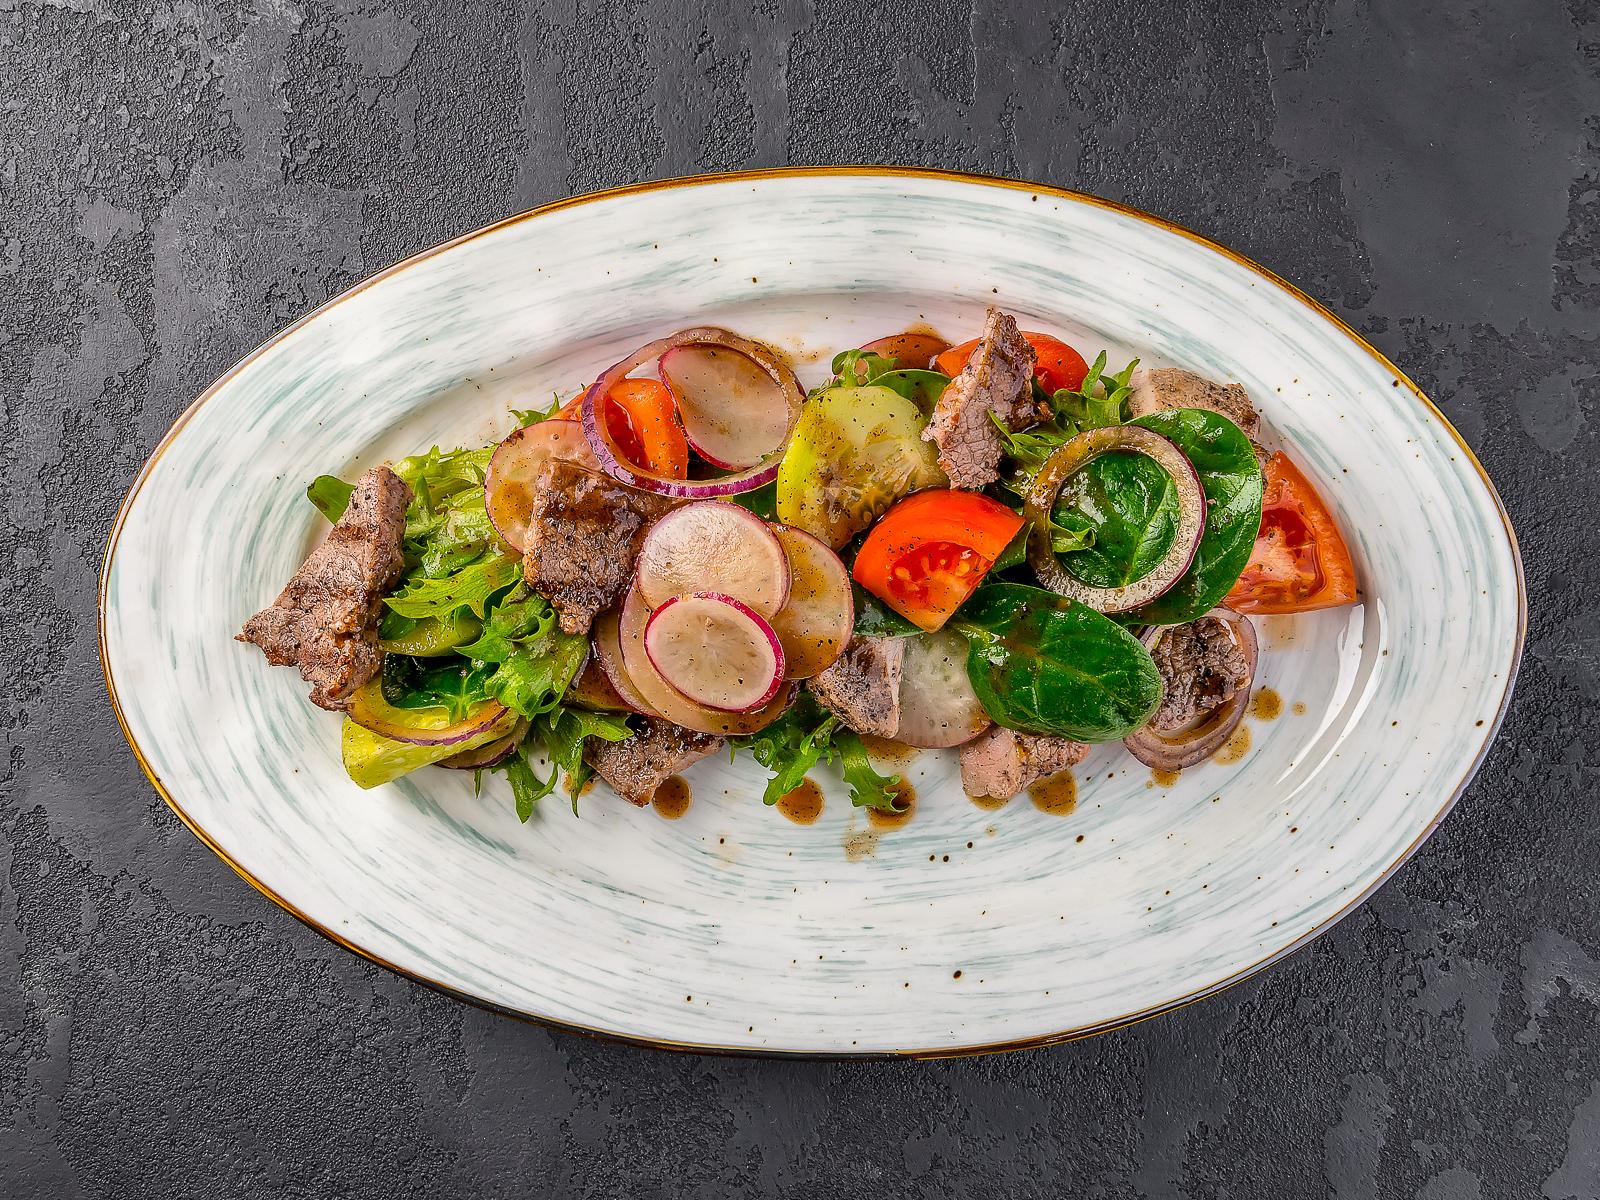 Салат С говядиной и перечным соусом